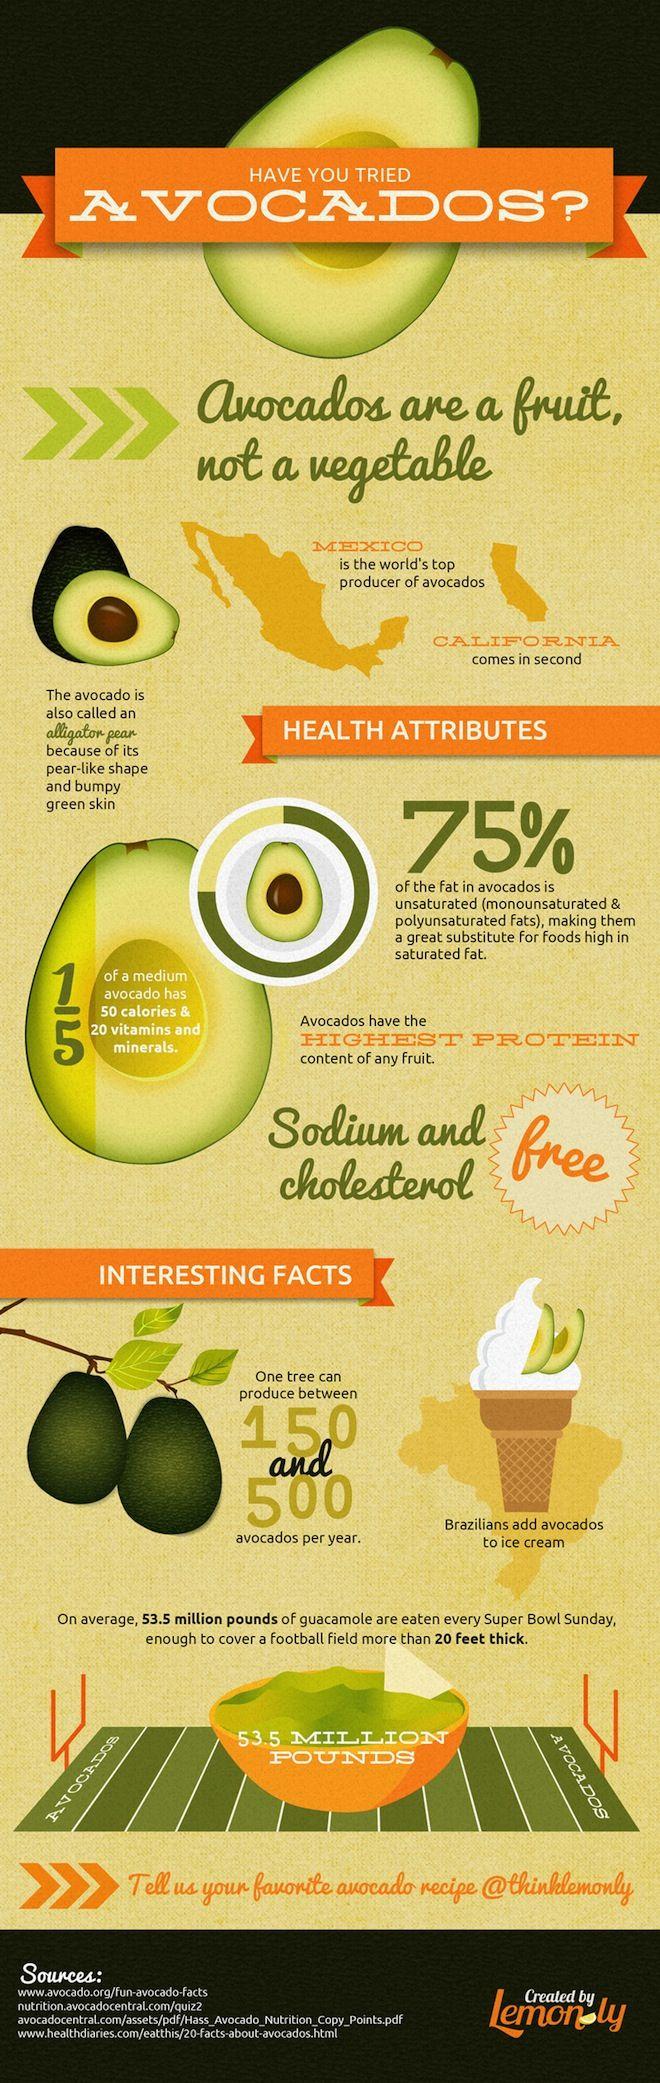 Interessante Feiten Over Avocados